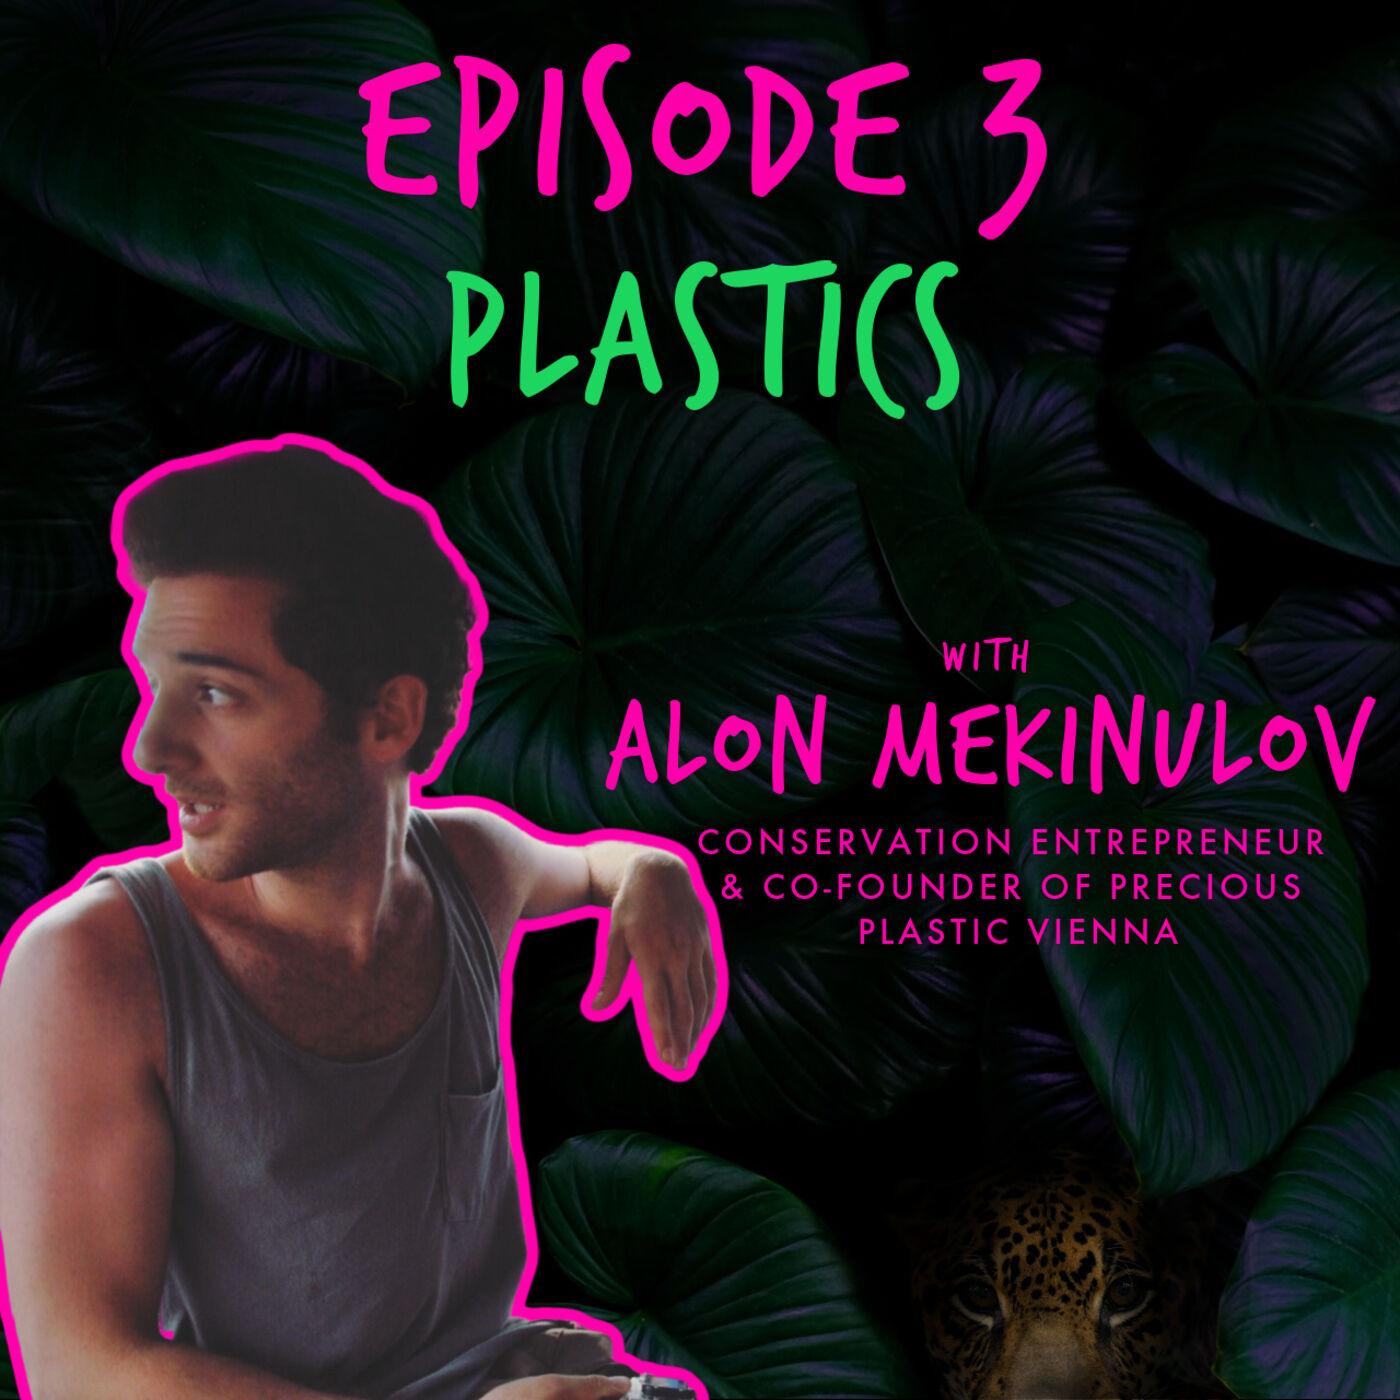 PLASTICS with ALON MEKINULOV